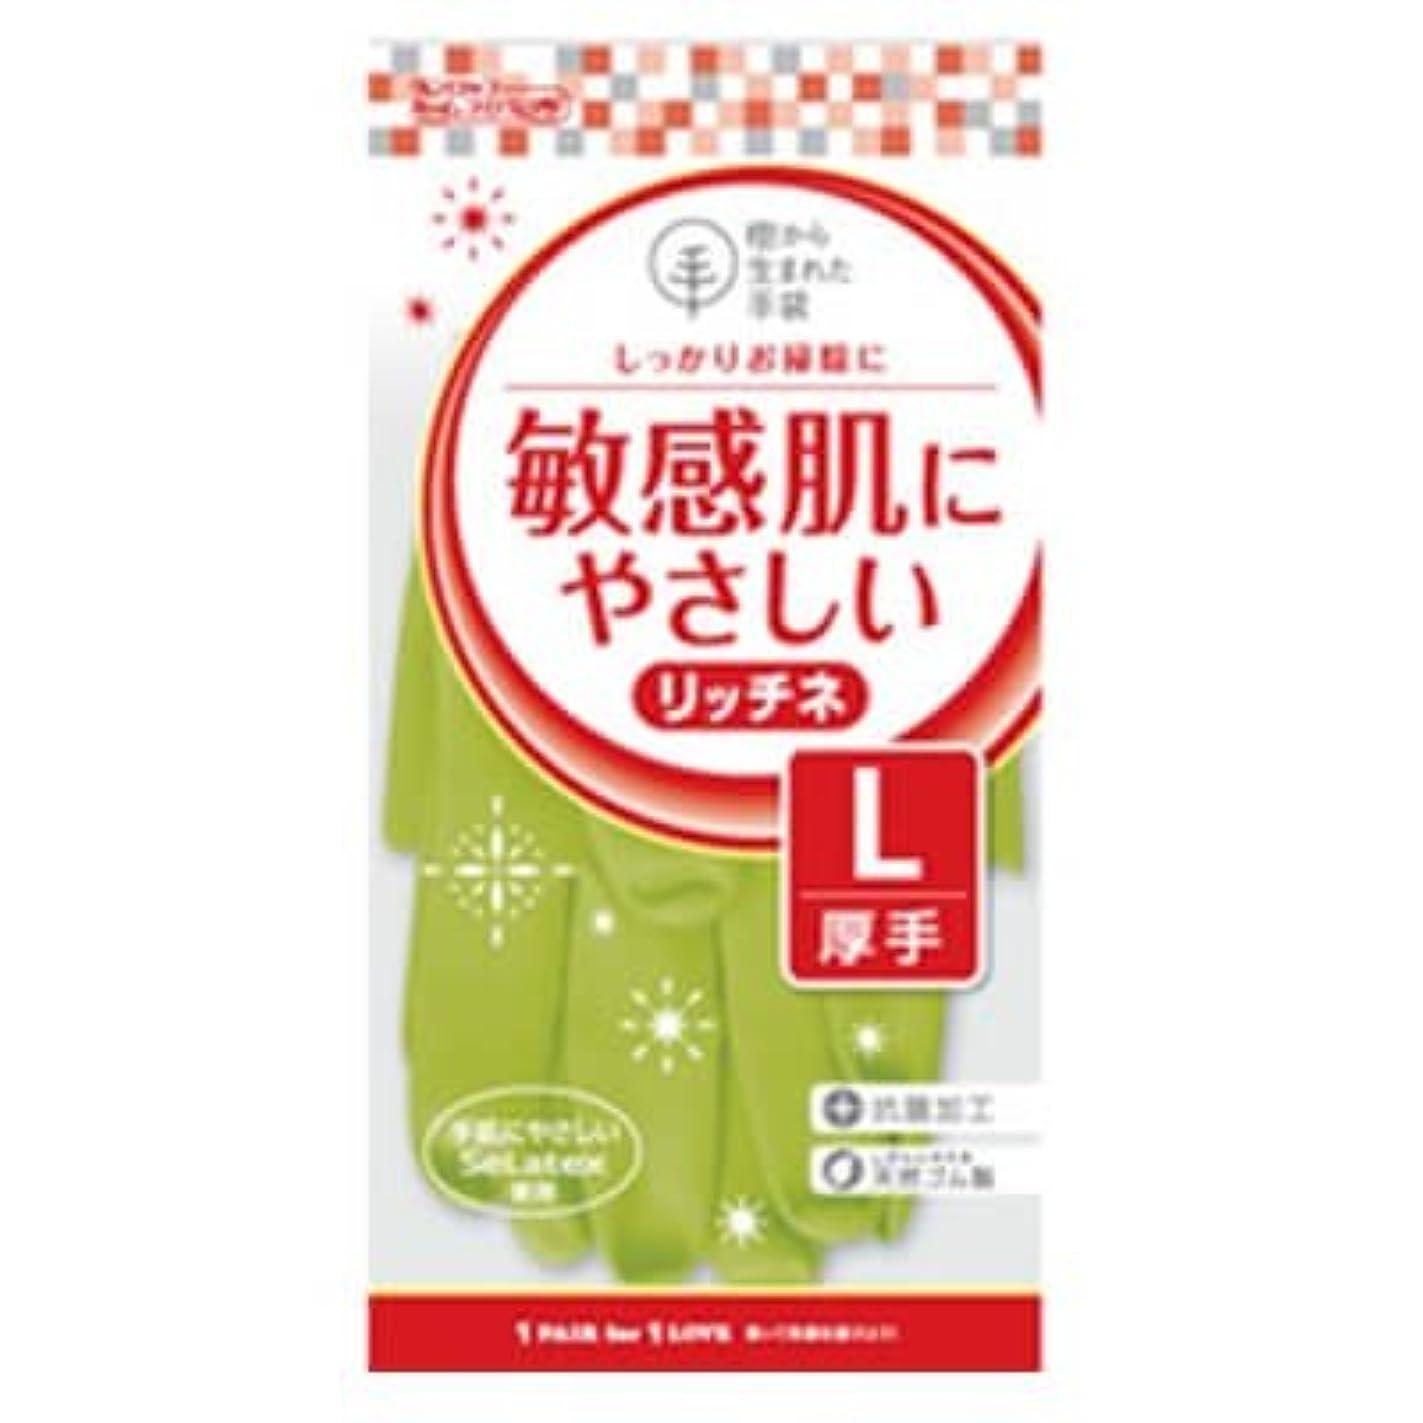 政府レイ内側【ケース販売】 ダンロップ 敏感肌にやさしい リッチネ 厚手 L グリーン (10双×12袋)